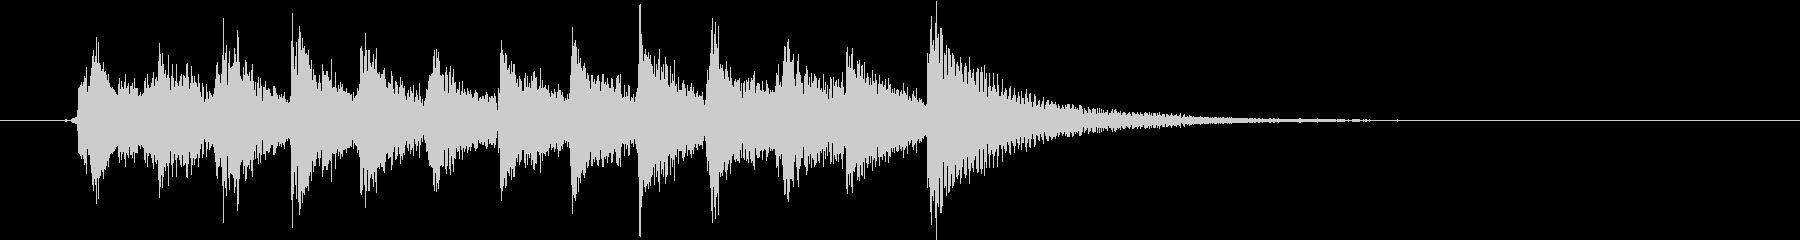 生演奏:軽快感のあるピチカート&ピアノの未再生の波形